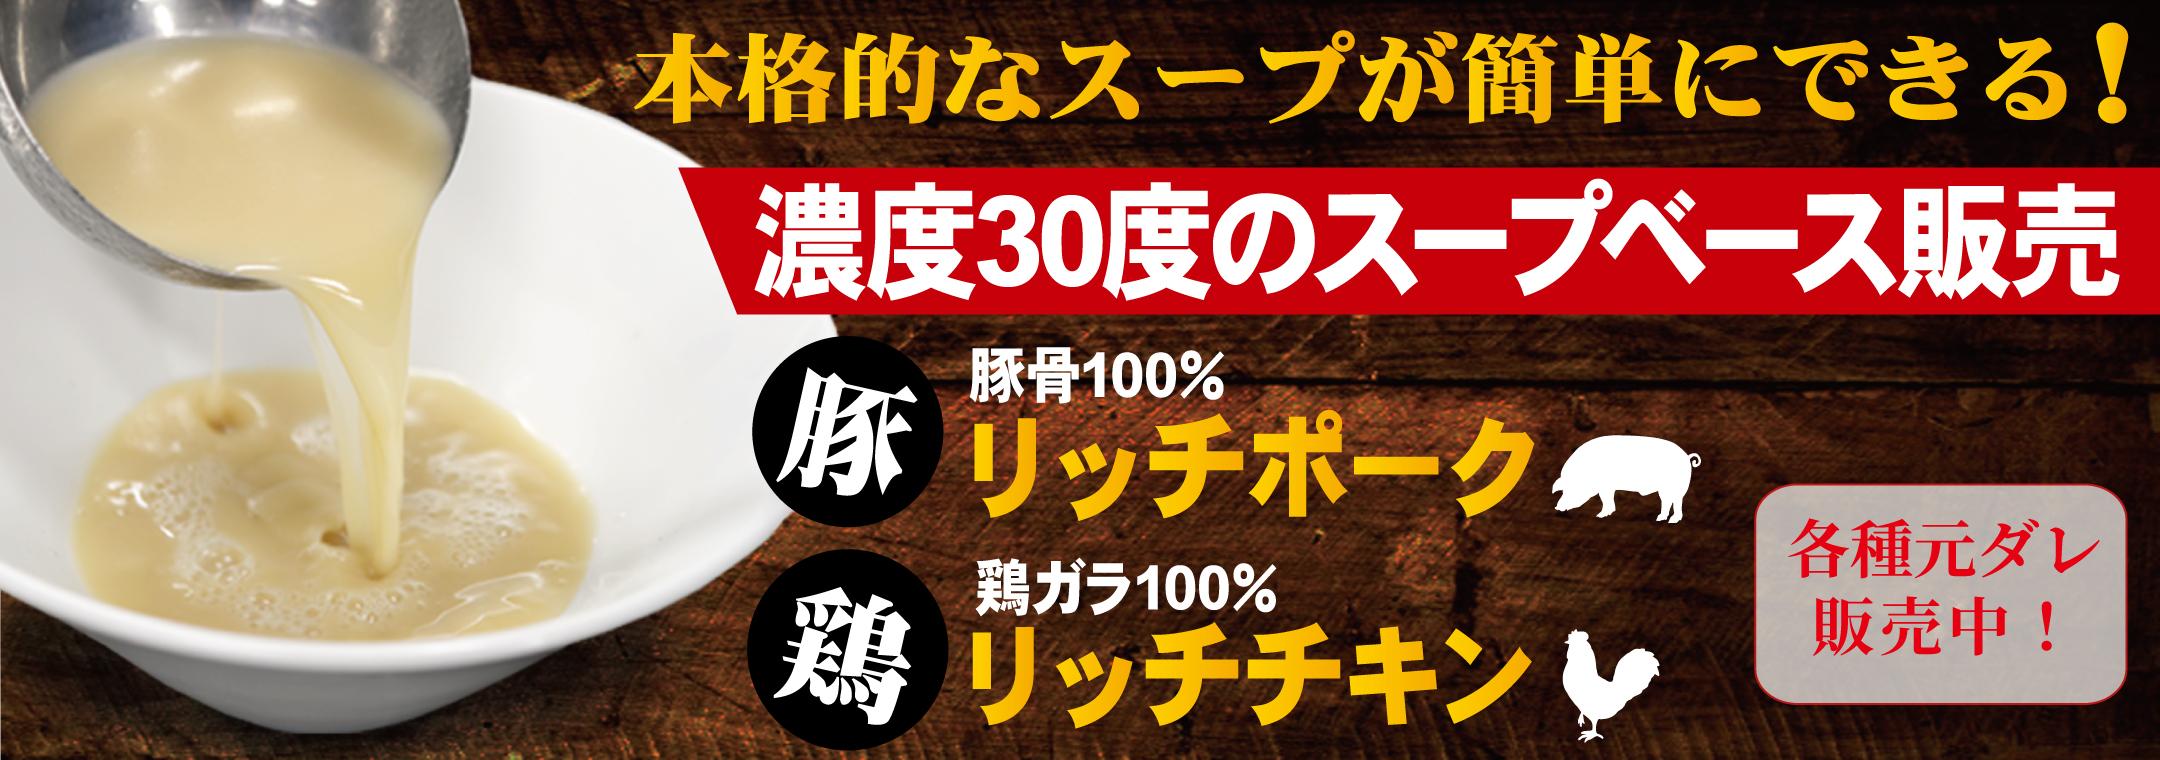 濃度30度の濃厚スープベース販売開始!豚100%・鶏100%!